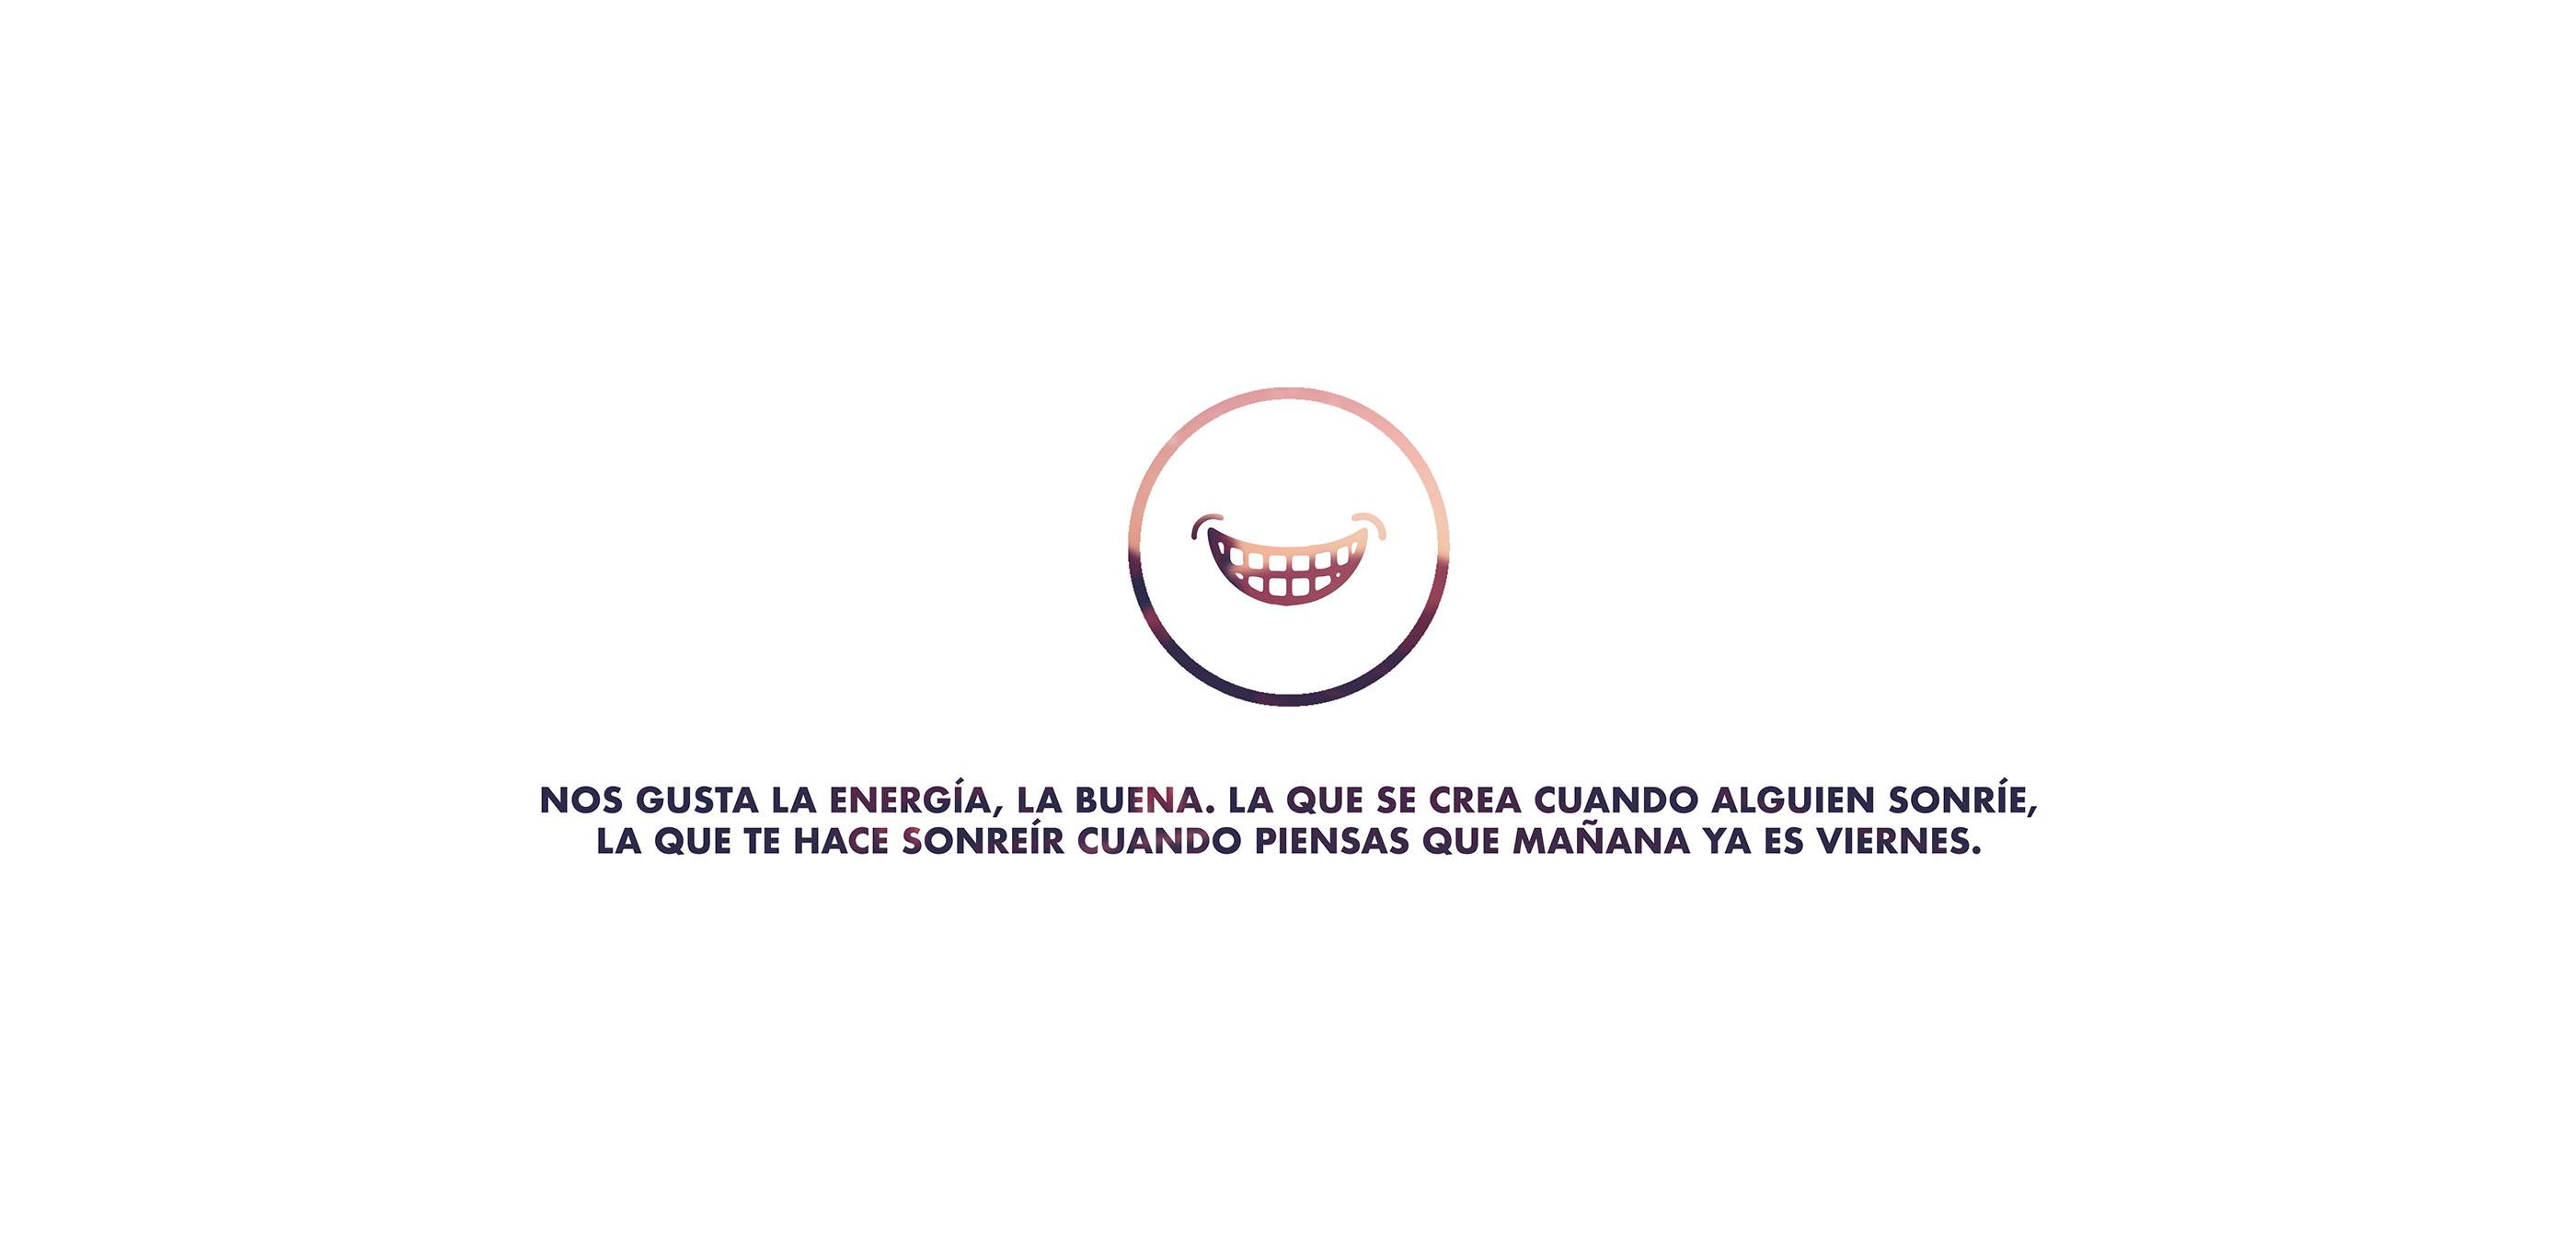 Imagen una Gran Sonrisa